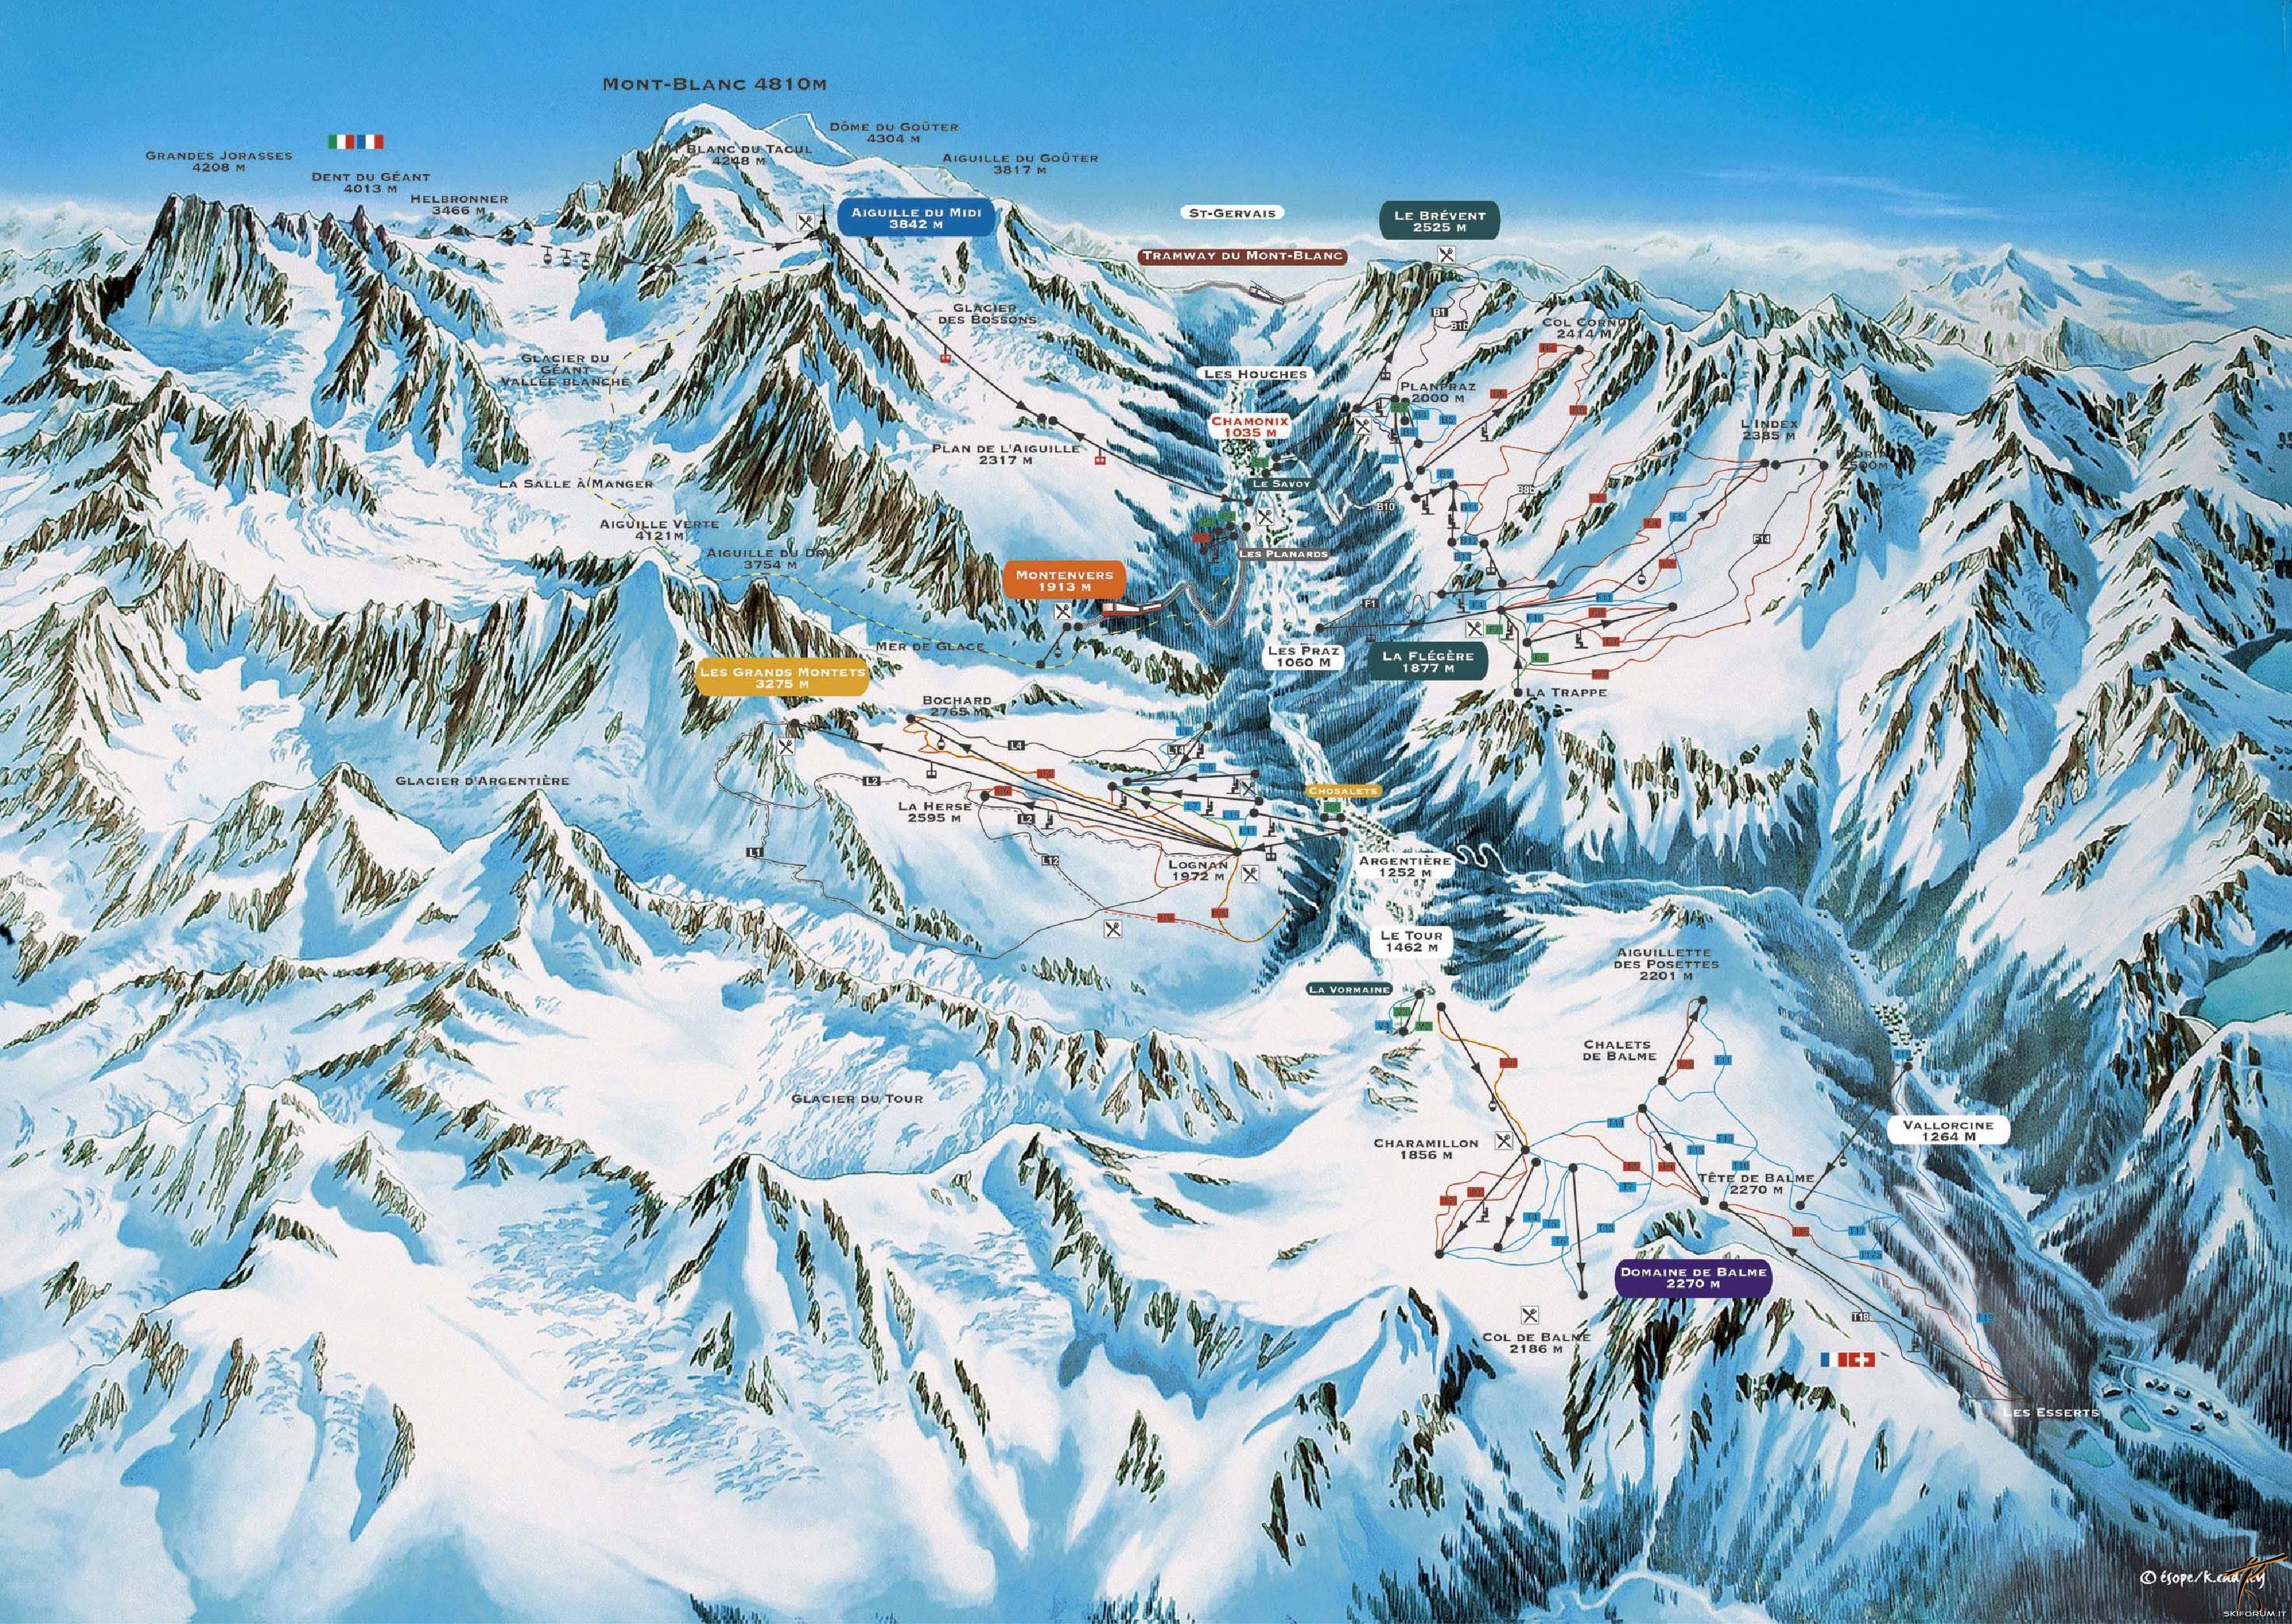 Chamonix Cartina Geografica.Skimap Con Piste E Impianti Del Comprensorio Chamonix Mont Blanc